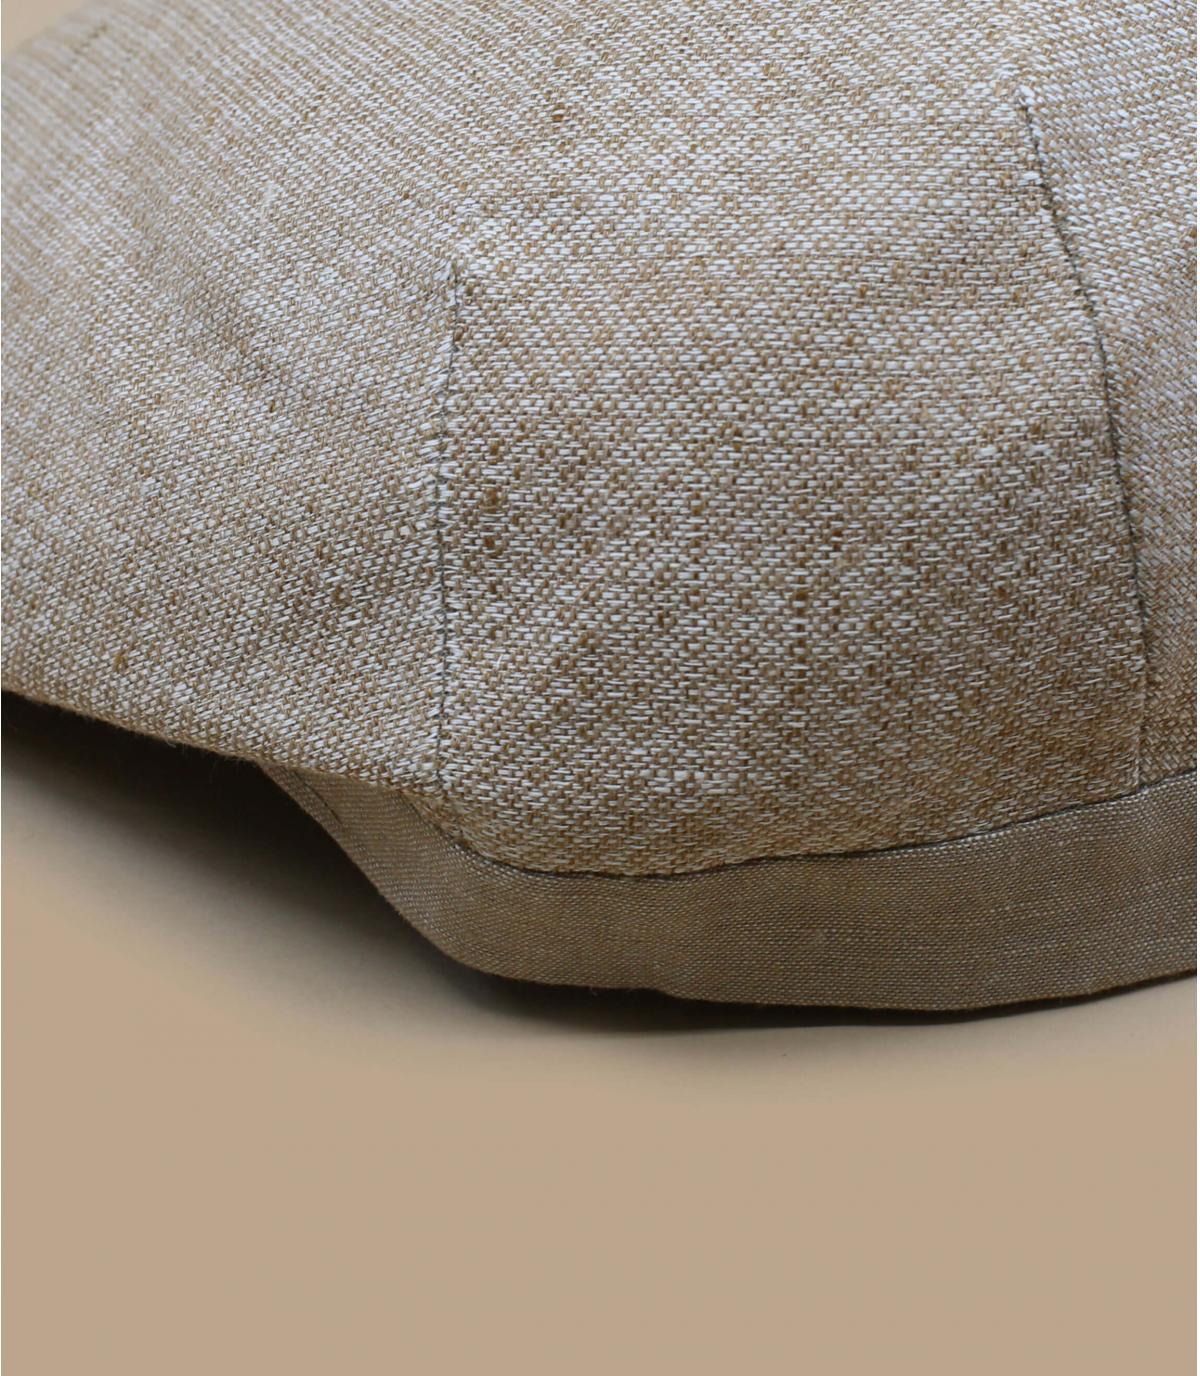 Flatcap beige Leinen Baumwolle